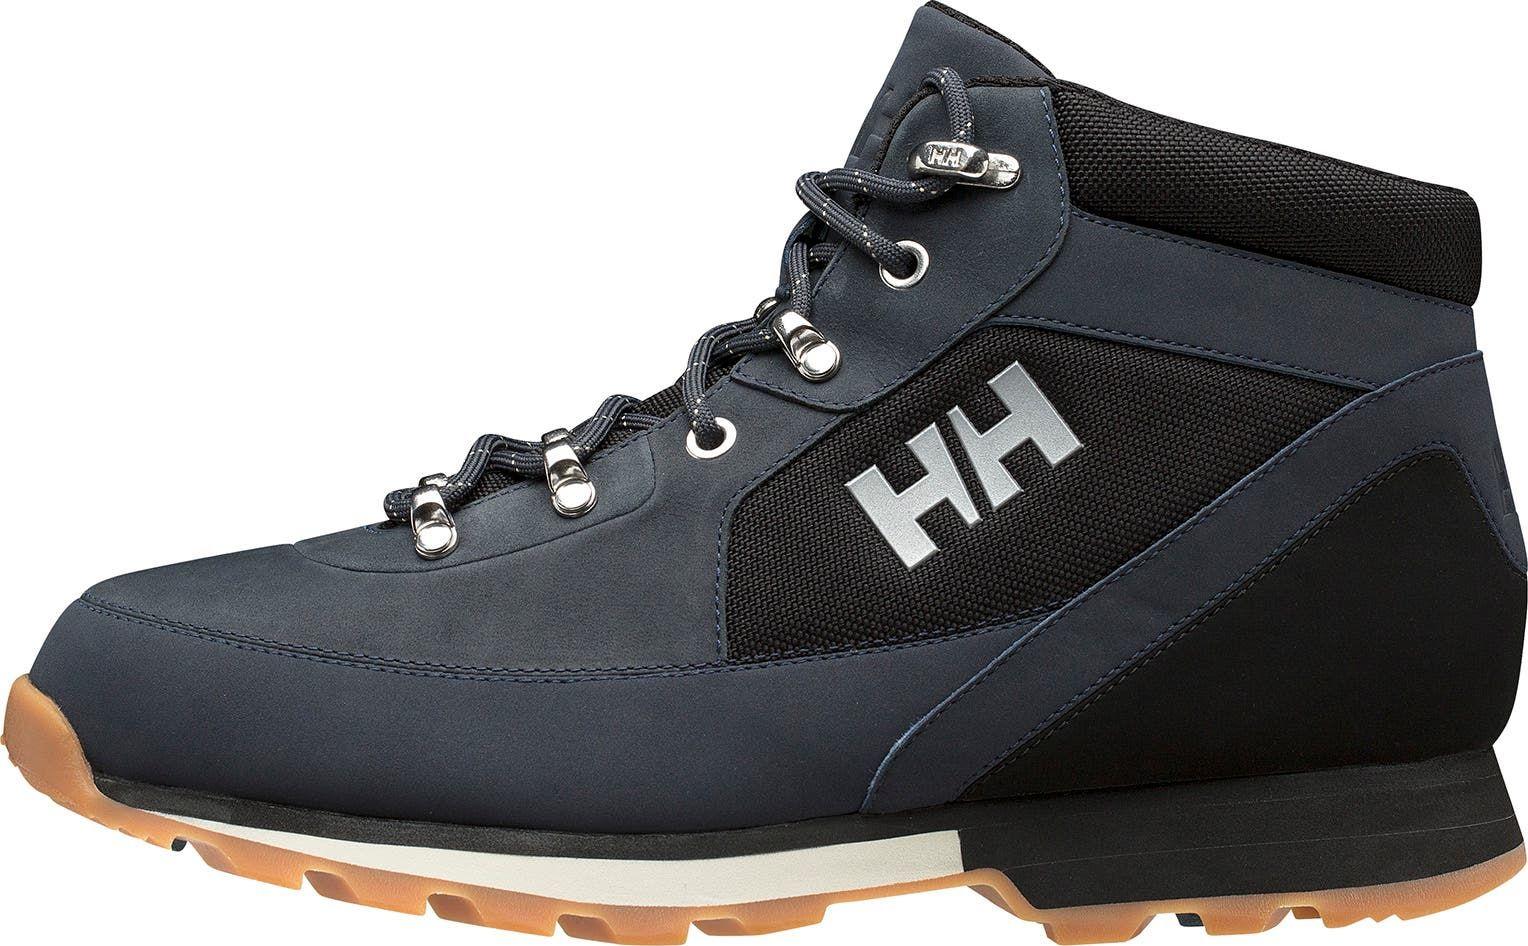 HELLY HANSEN Fernie Boot Navy/Black/Light Gum 45